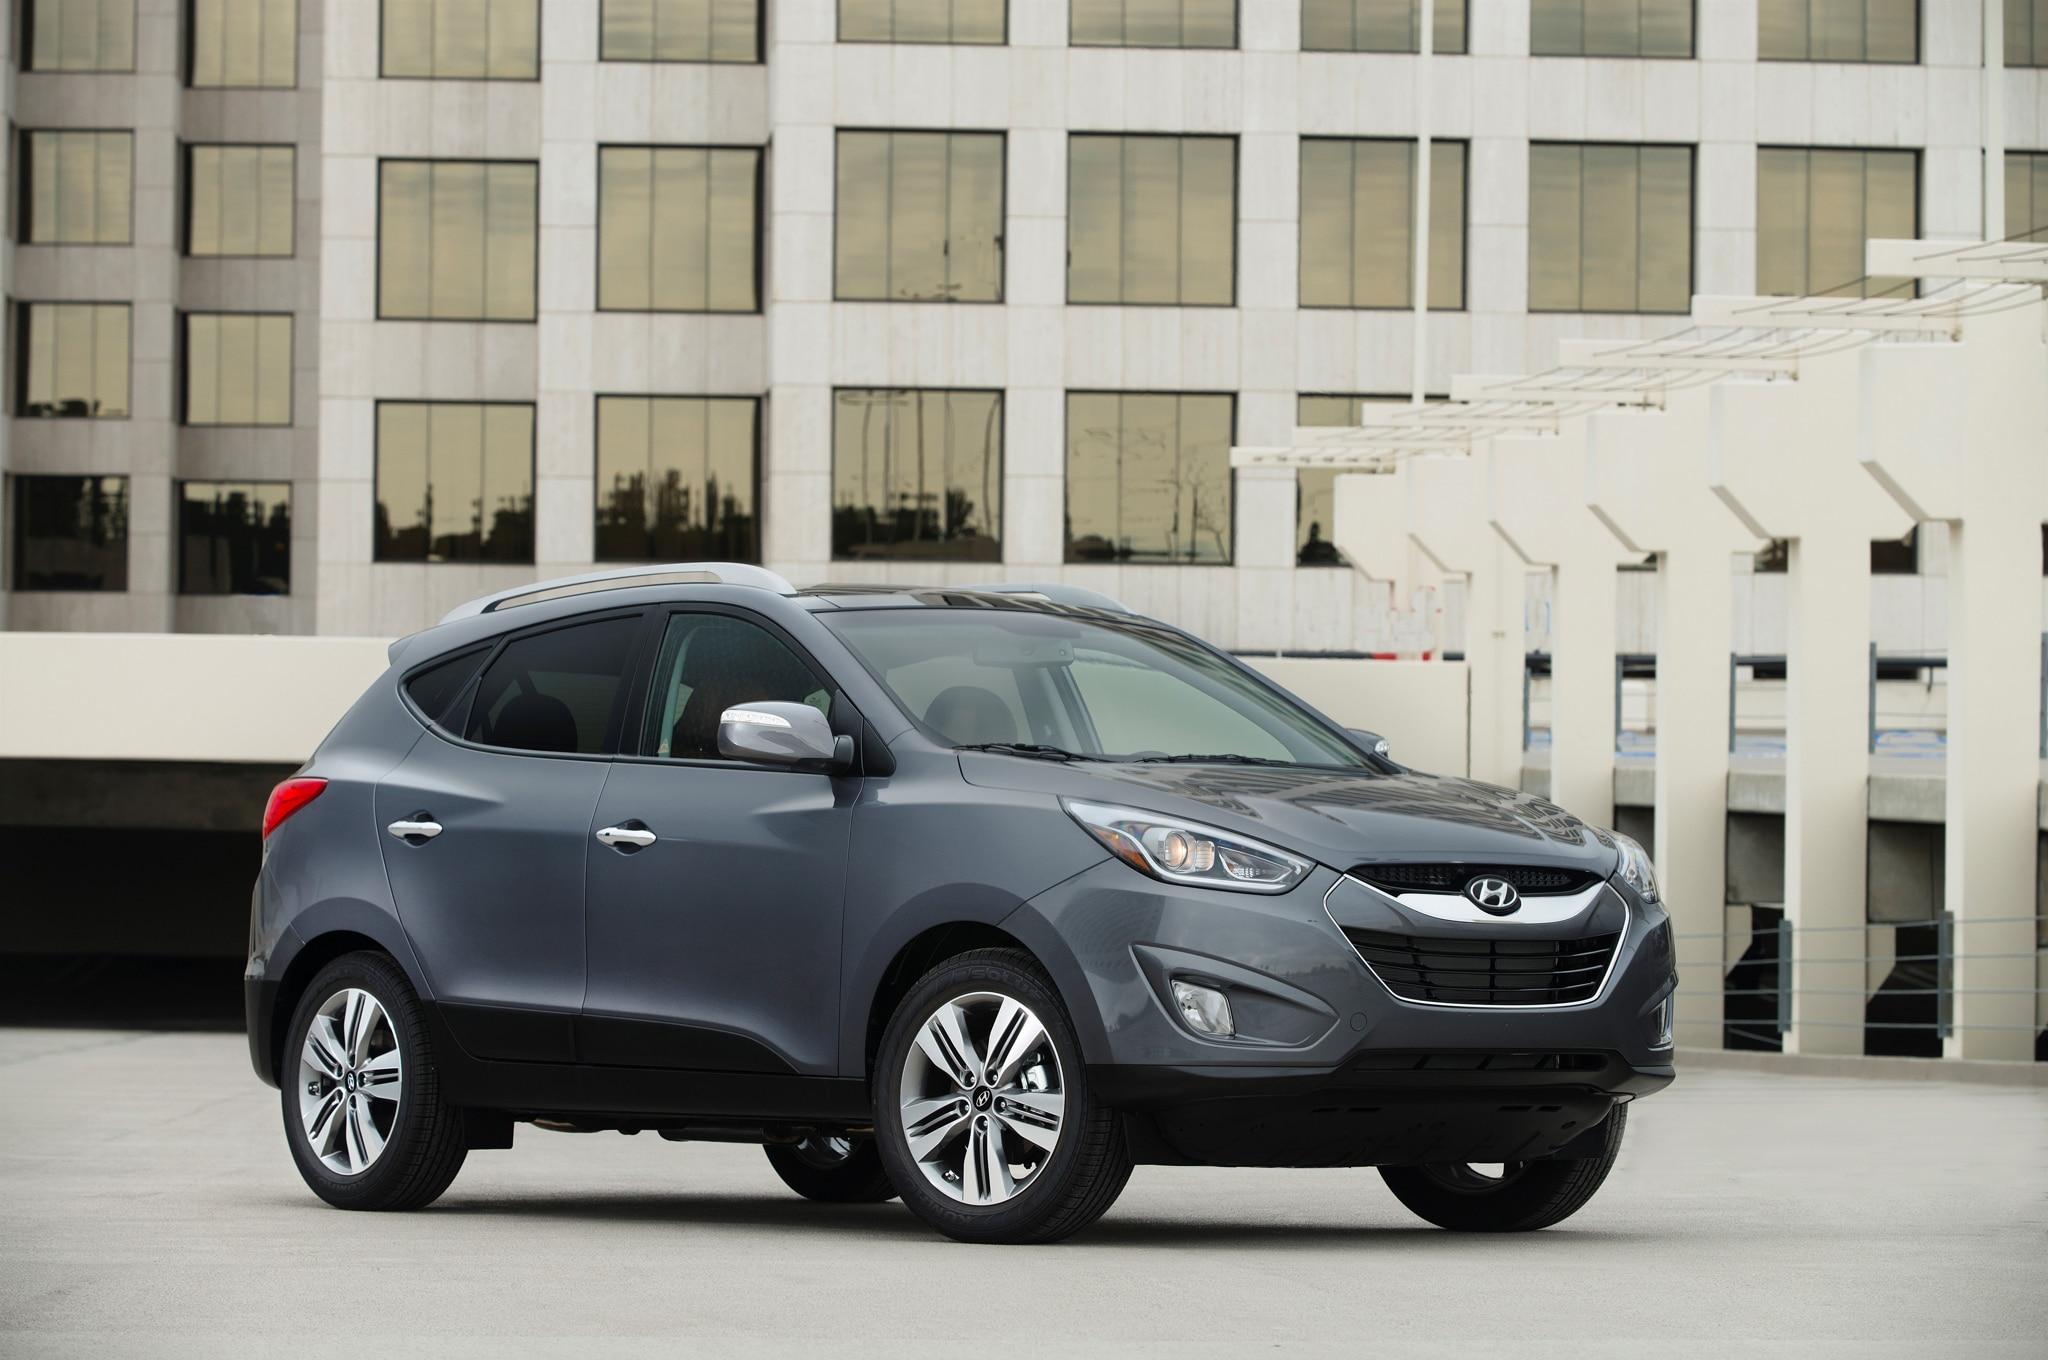 2015 Hyundai Tucson Front Three Quarters1